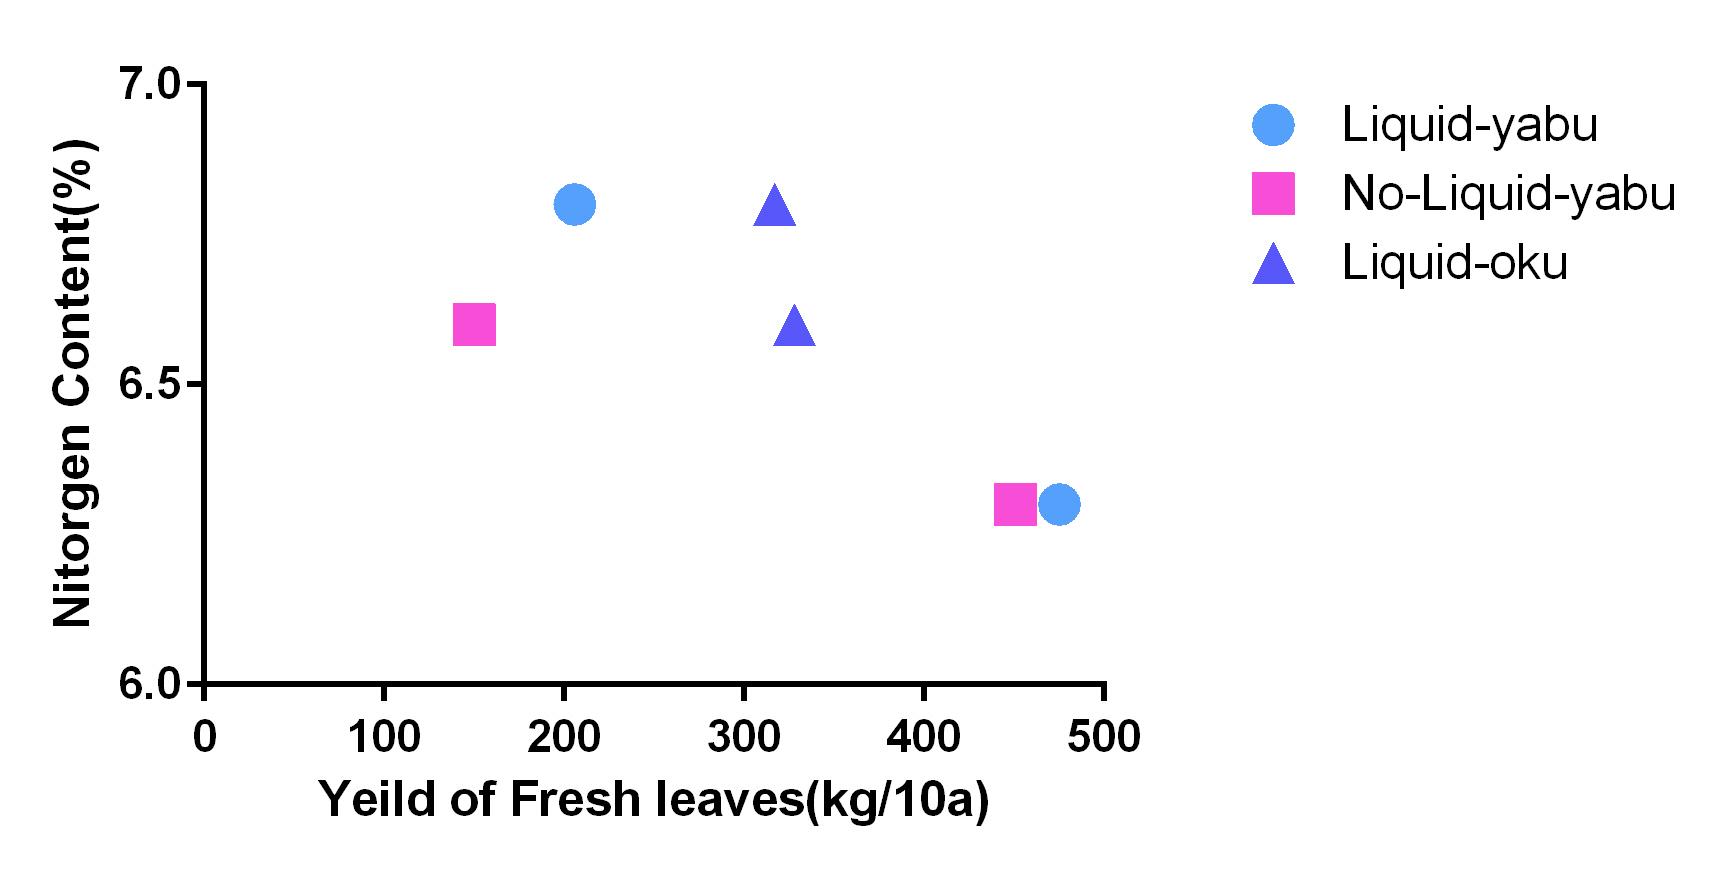 液肥グラフ